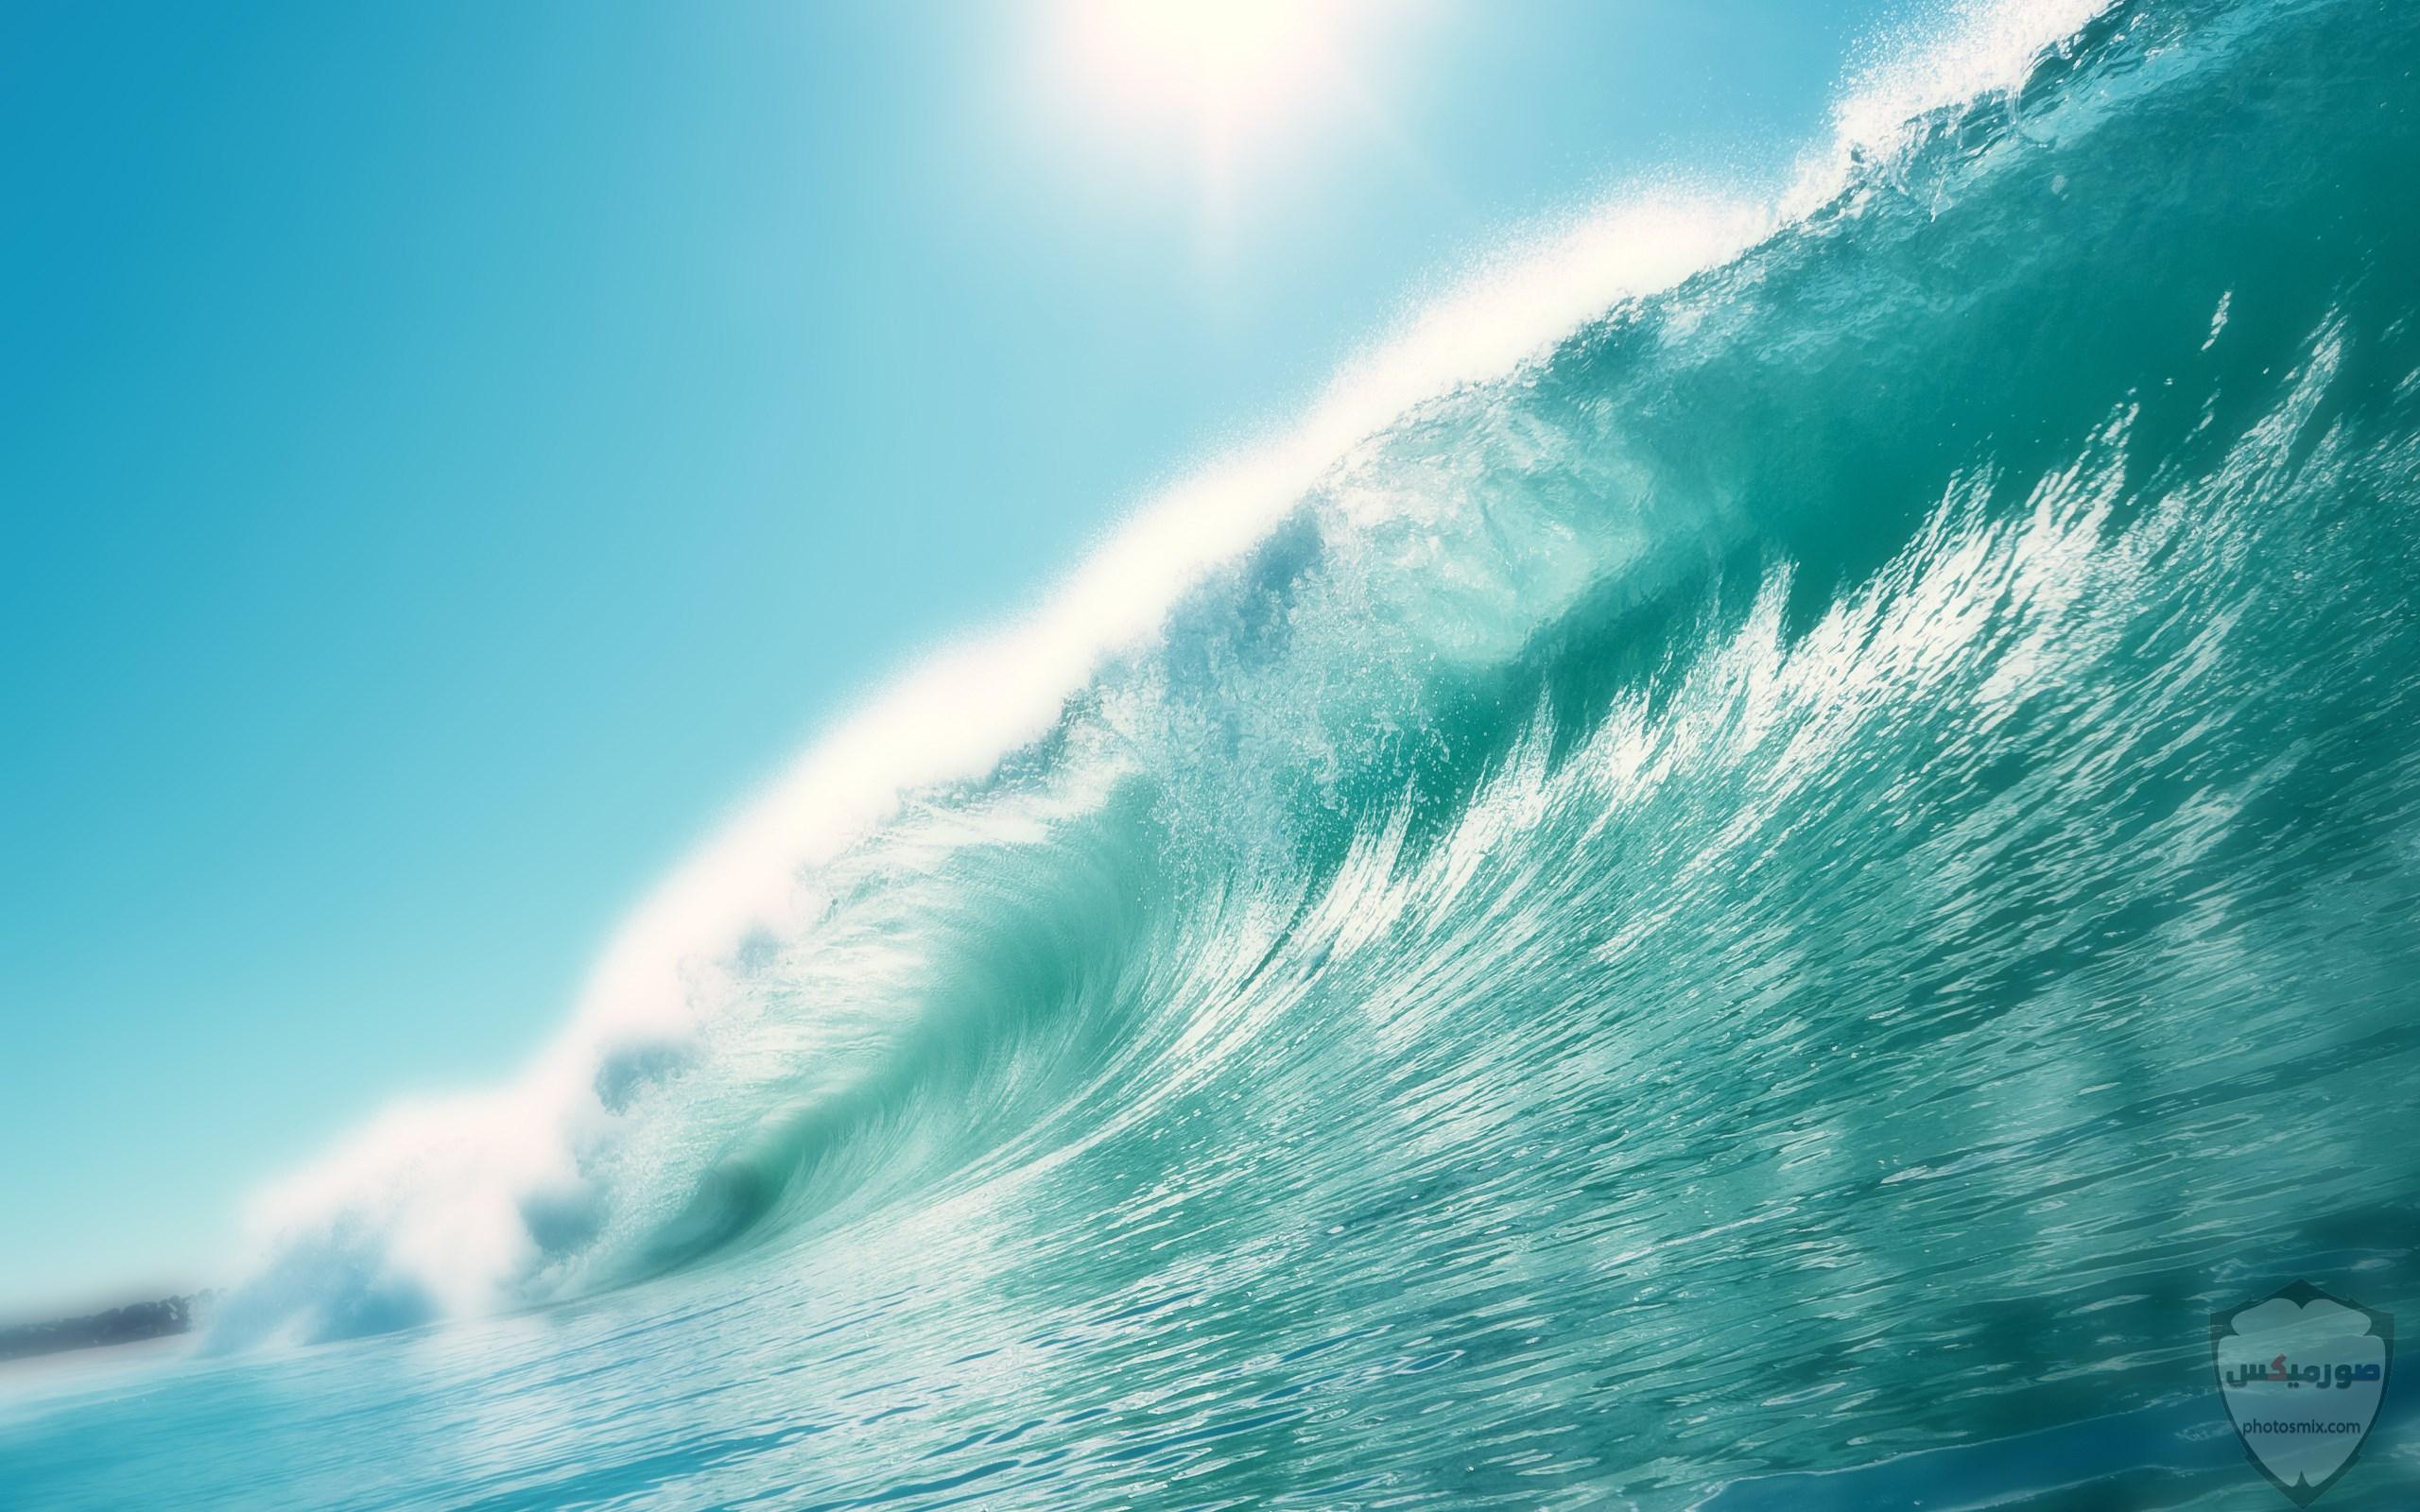 صور بحر وشاطئ صور وخلفيات بحور وشواطئ جميلة اجمل خلفيات بحار جودة عالية 3